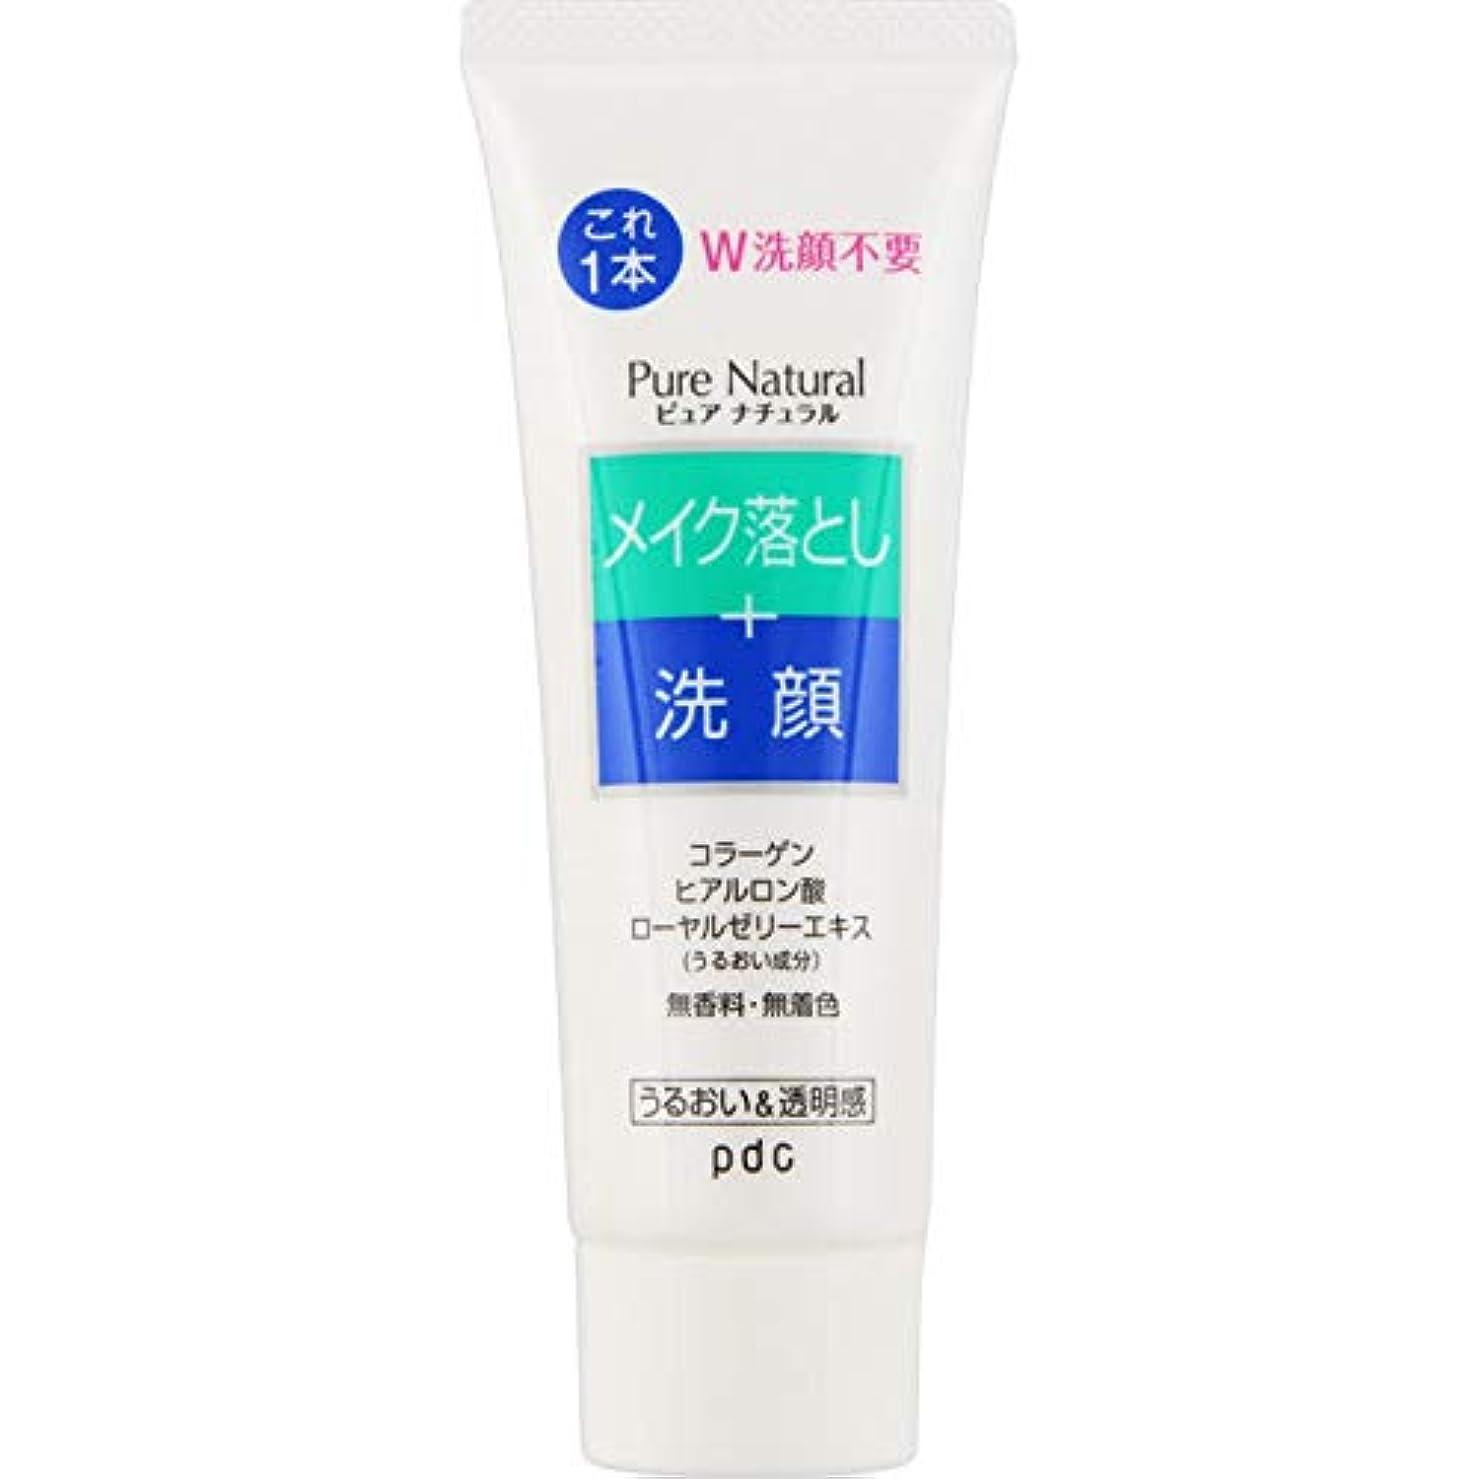 ヘビー経営者十代ポーラデイリーコスメ ピュア ナチュラル クレンジング洗顔(ミニサイズ) 70g